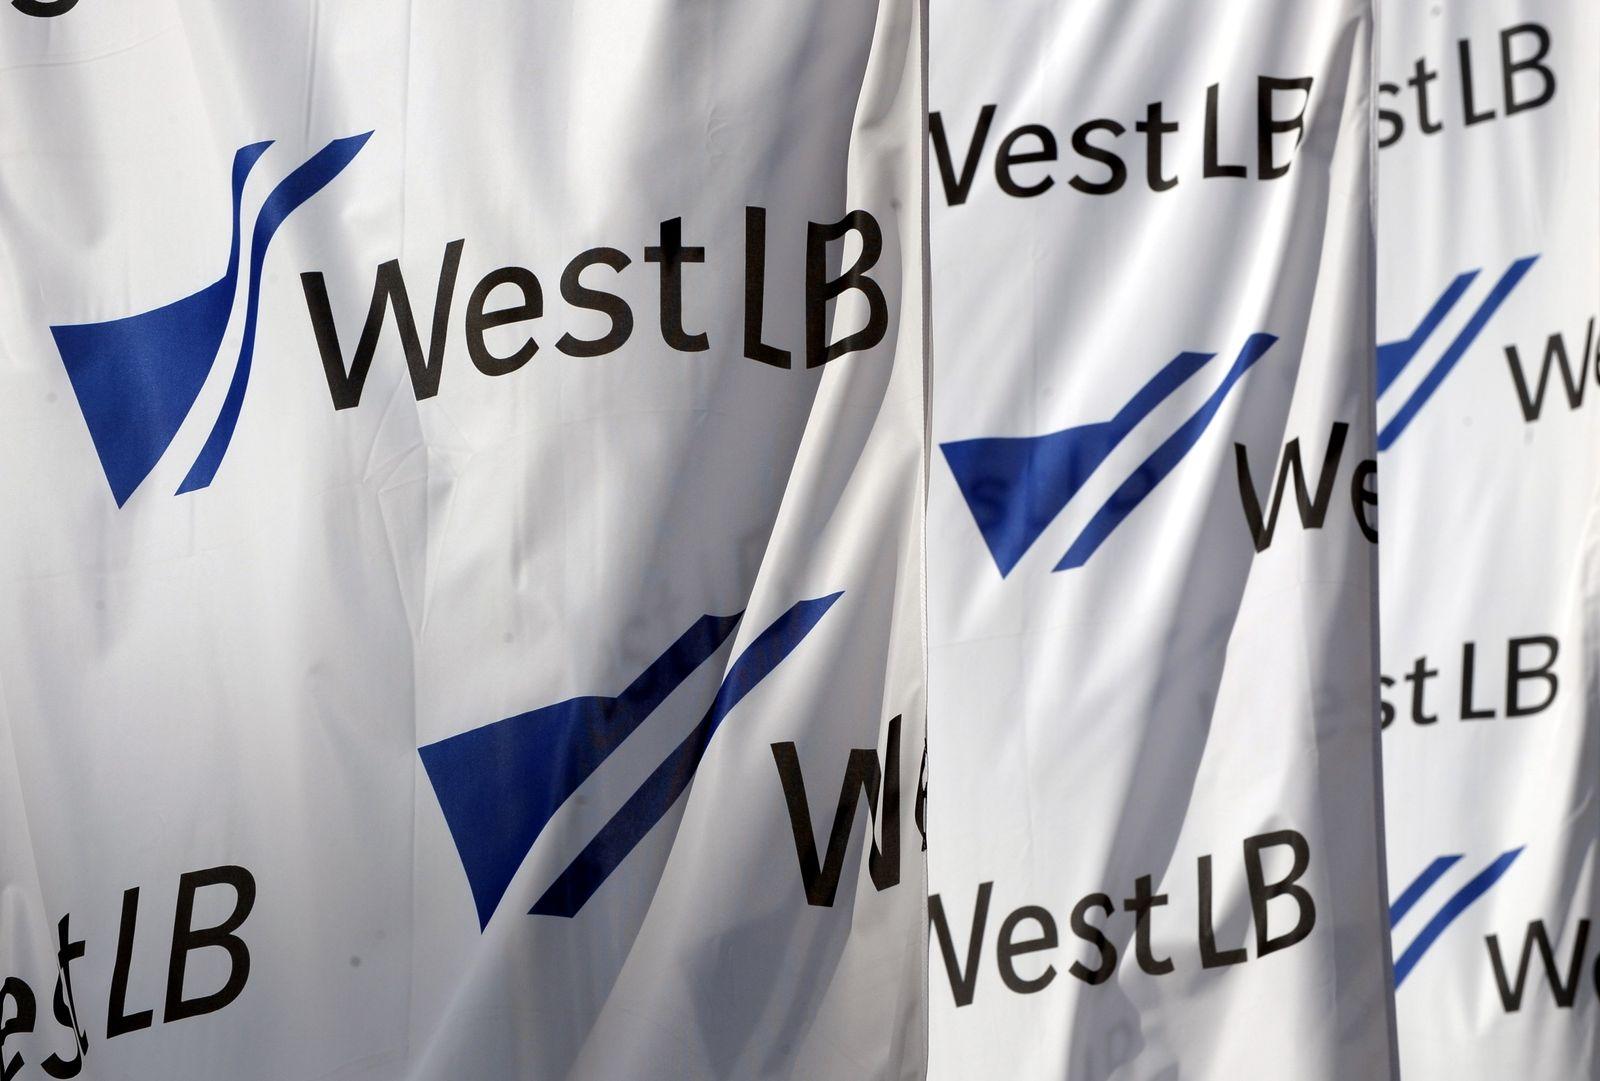 THEMEN Landebanken / WestLB